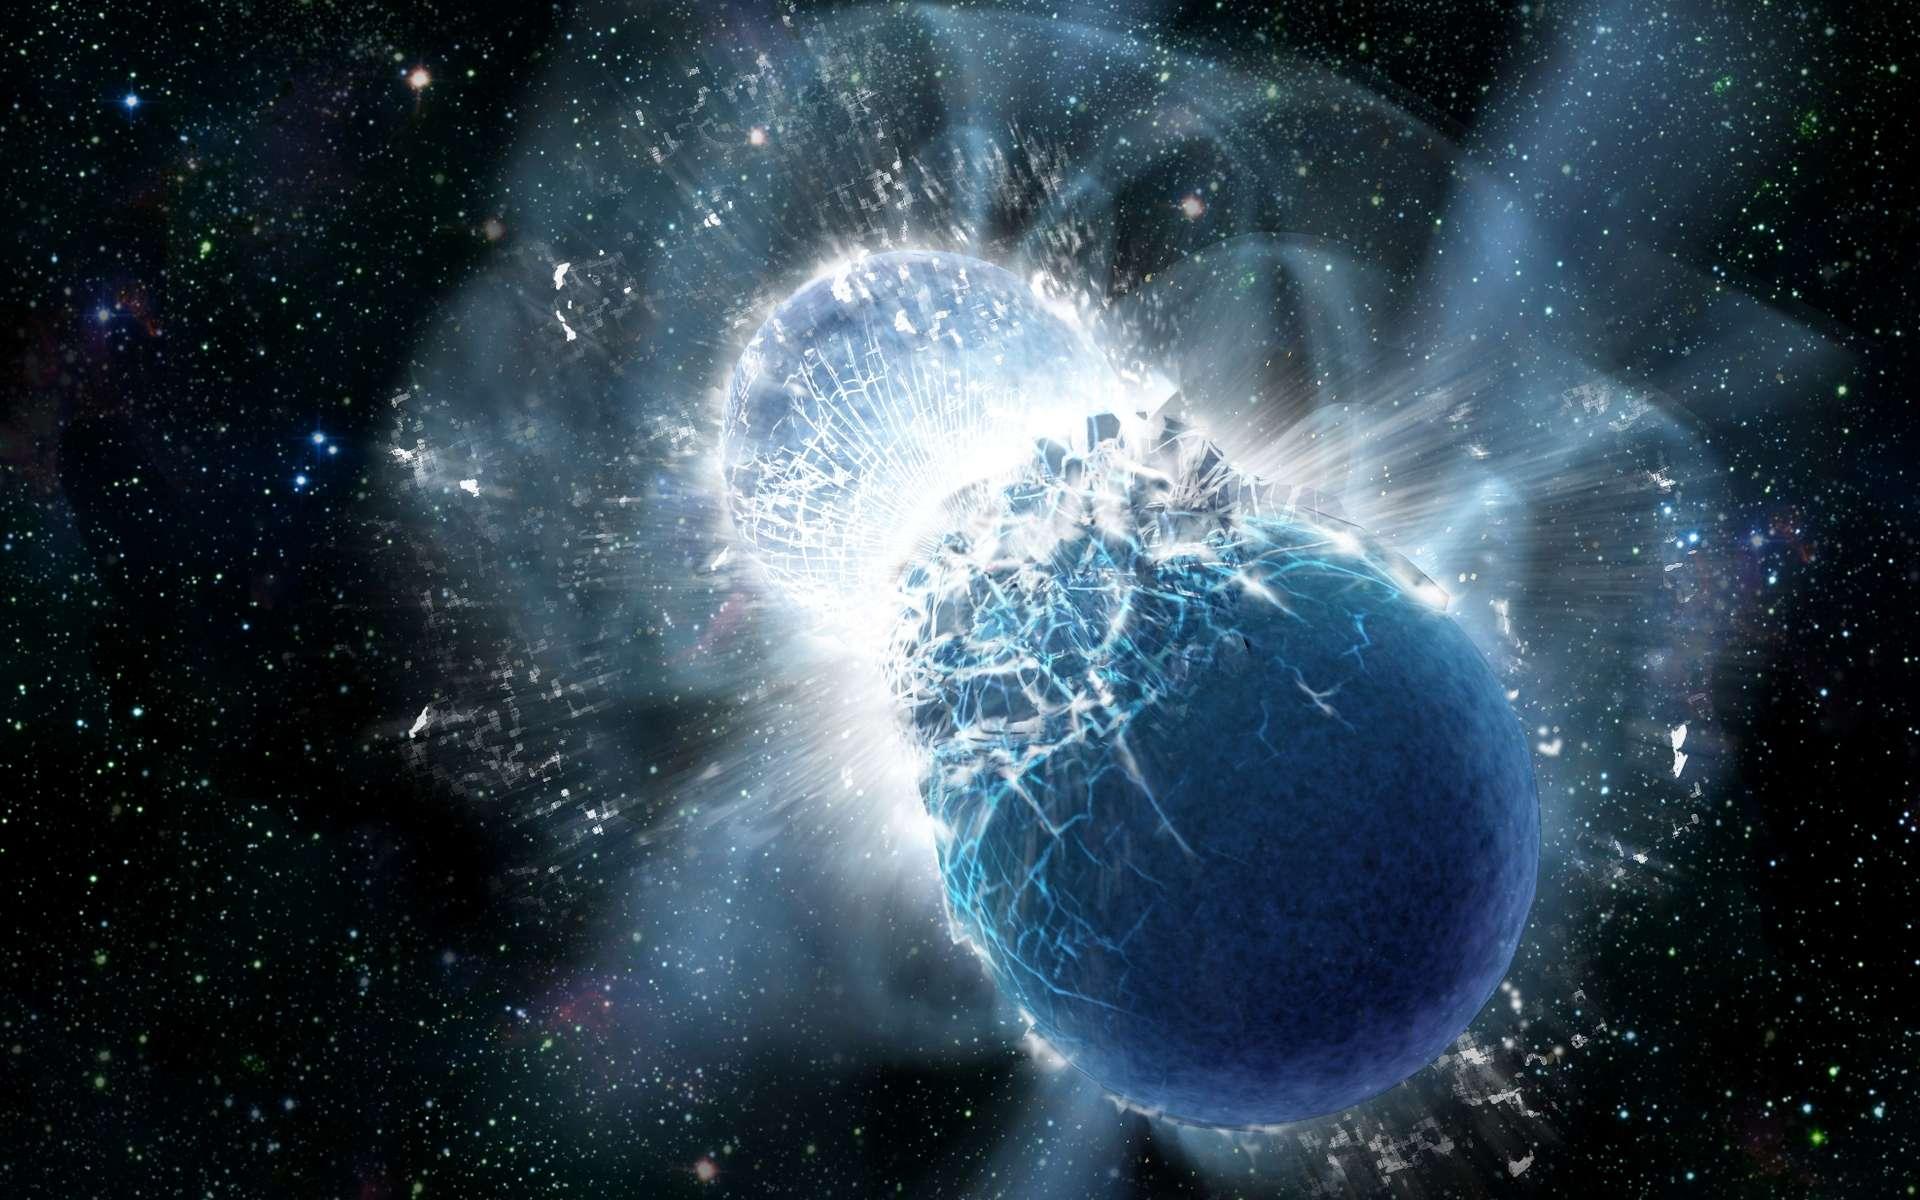 Une étoile à neutrons est un astre très dense résultant de l'effondrement gravitationnel d'une grosse étoile explosant en supernova SN II. Lorsqu'elles sont en couple, les étoiles à neutrons peuvent finir par entrer en collision et fusionner, engendrant une bouffée d'ondes gravitationnelles et une puissante émission d'ondes électromagnétiques dans toutes les longueurs d'onde, dont le visible ; cette émission est détectable sous forme de sursauts gamma. © Dana Berry, SkyWorks Digital